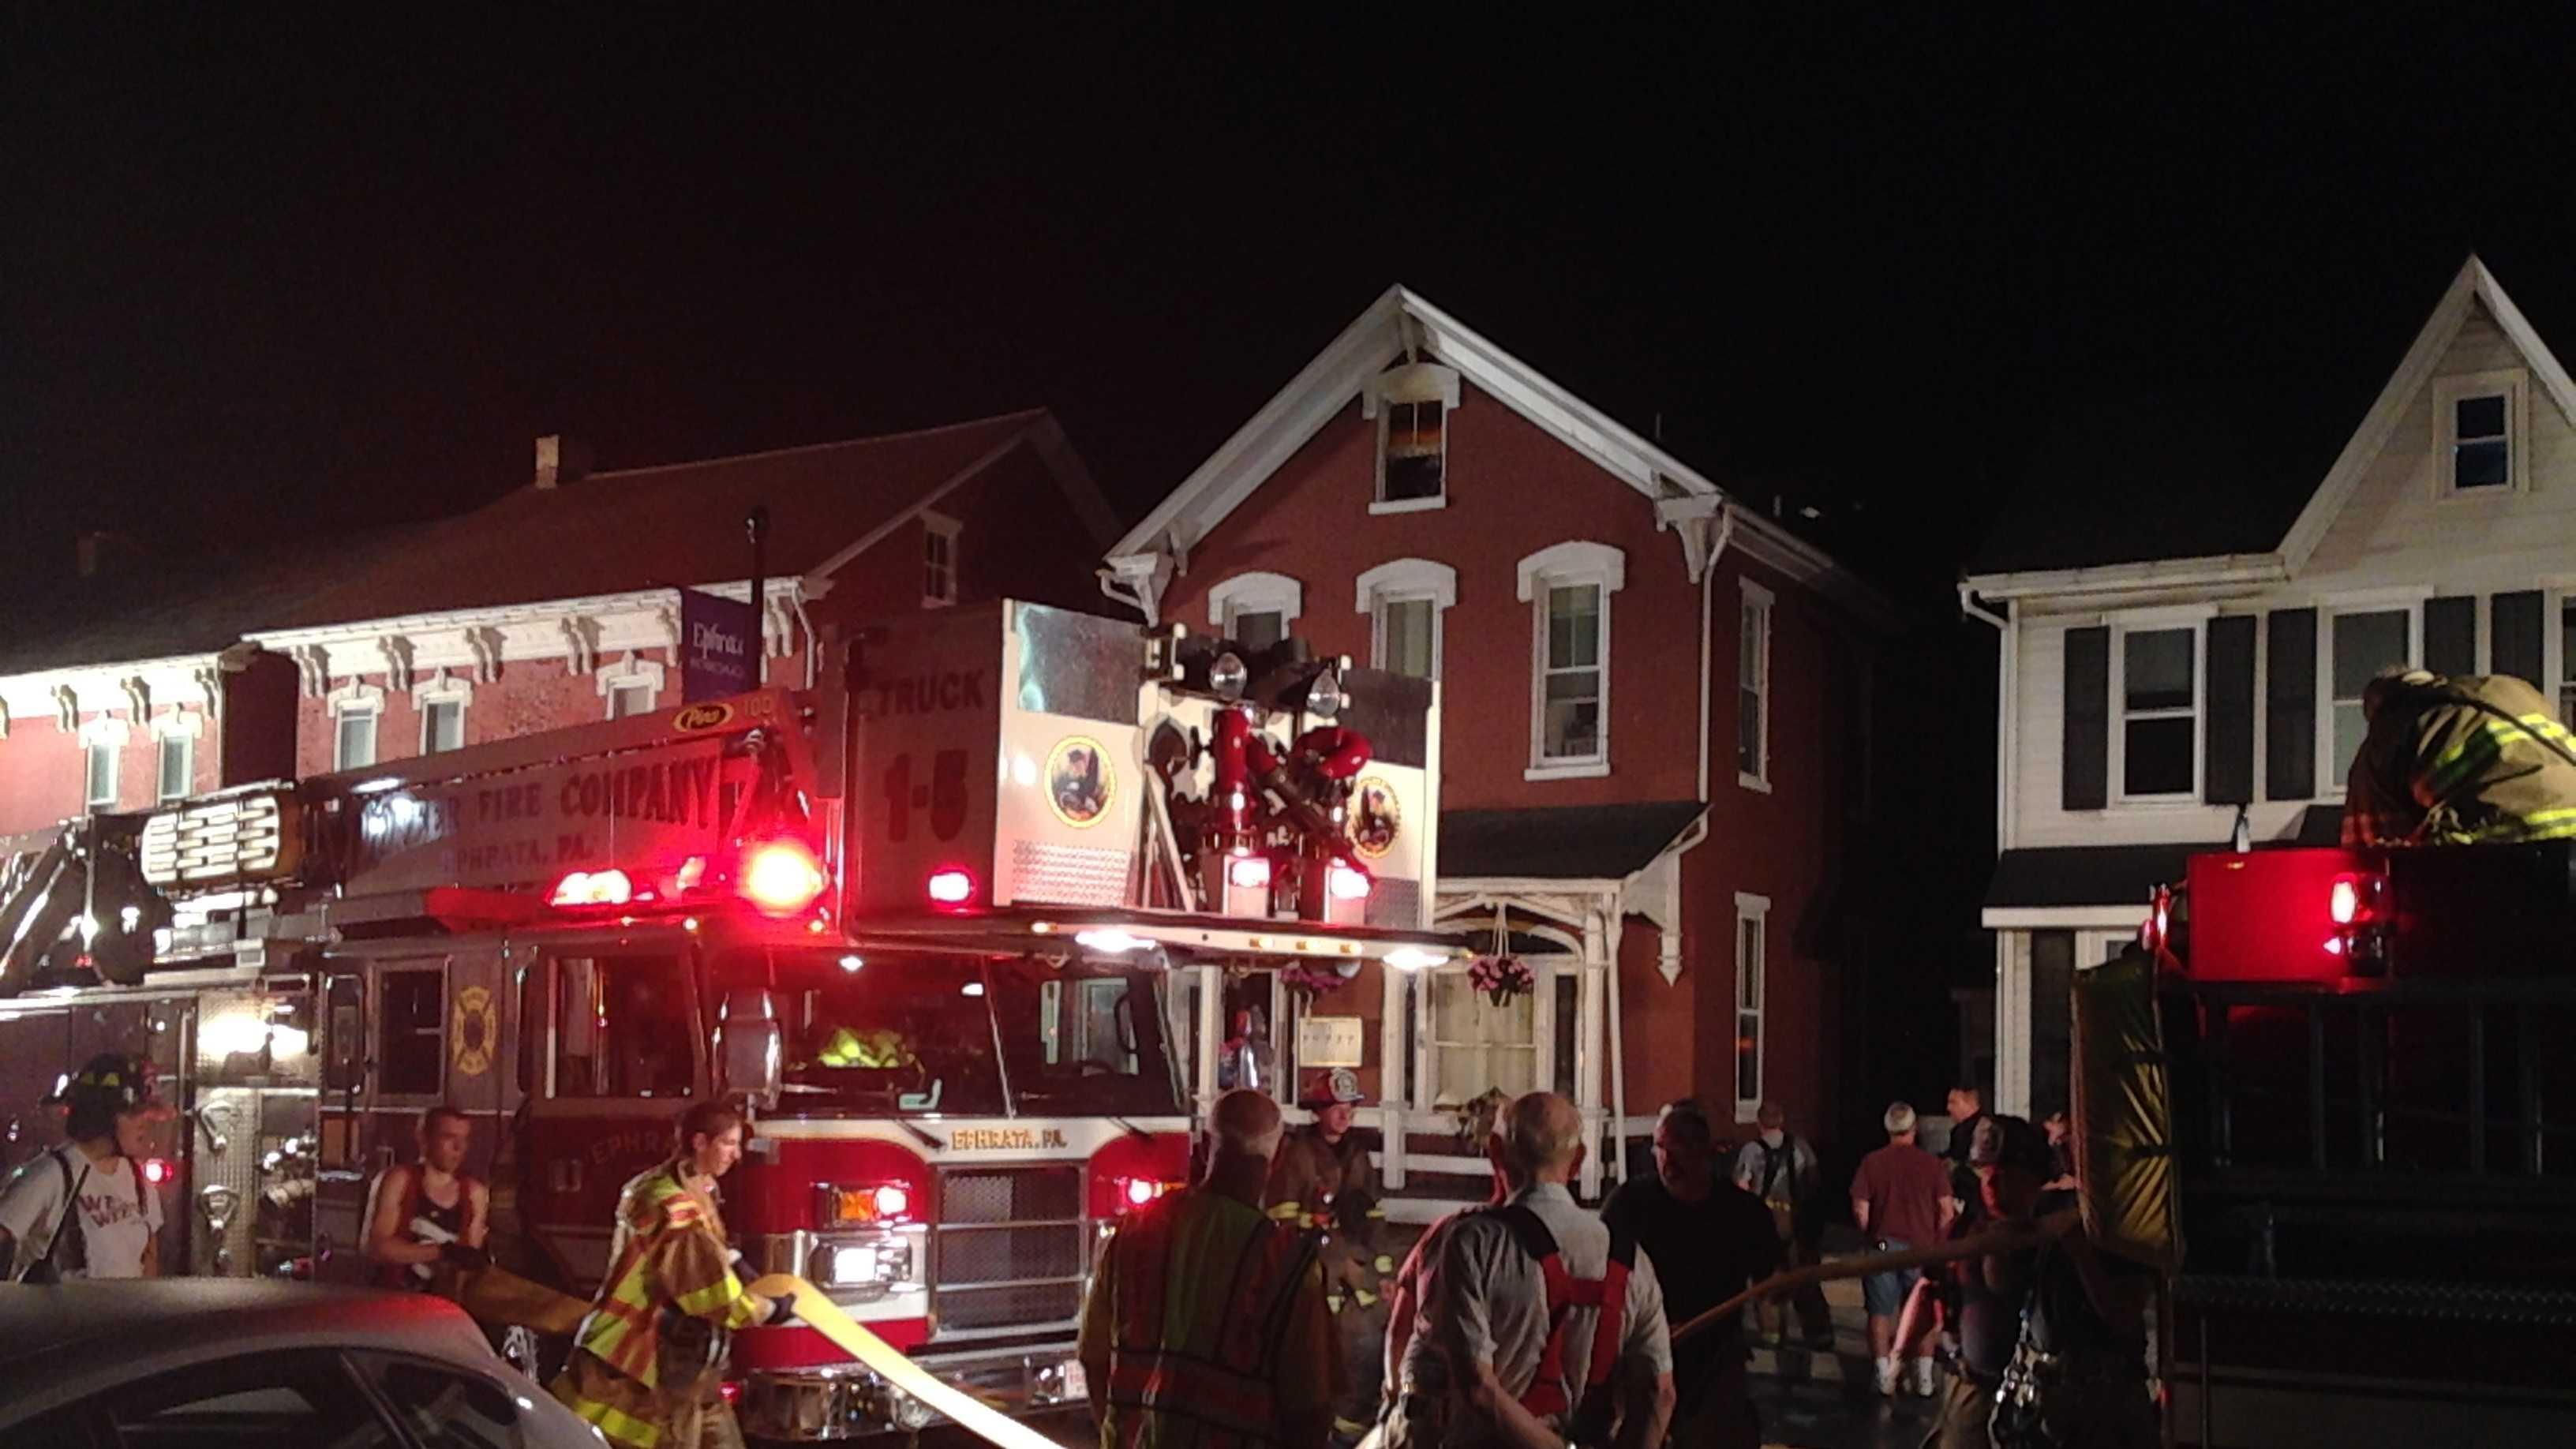 8.5.14 ephrata apartment fire pic